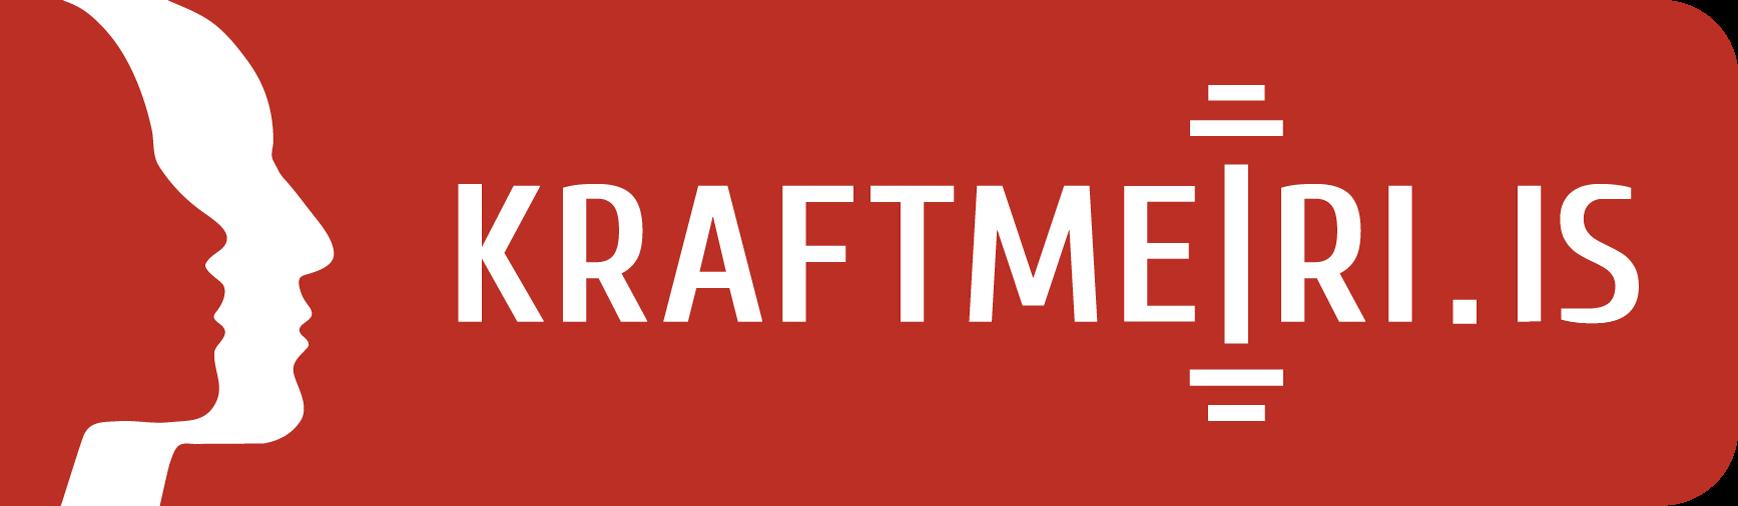 Kraftmeiri.is